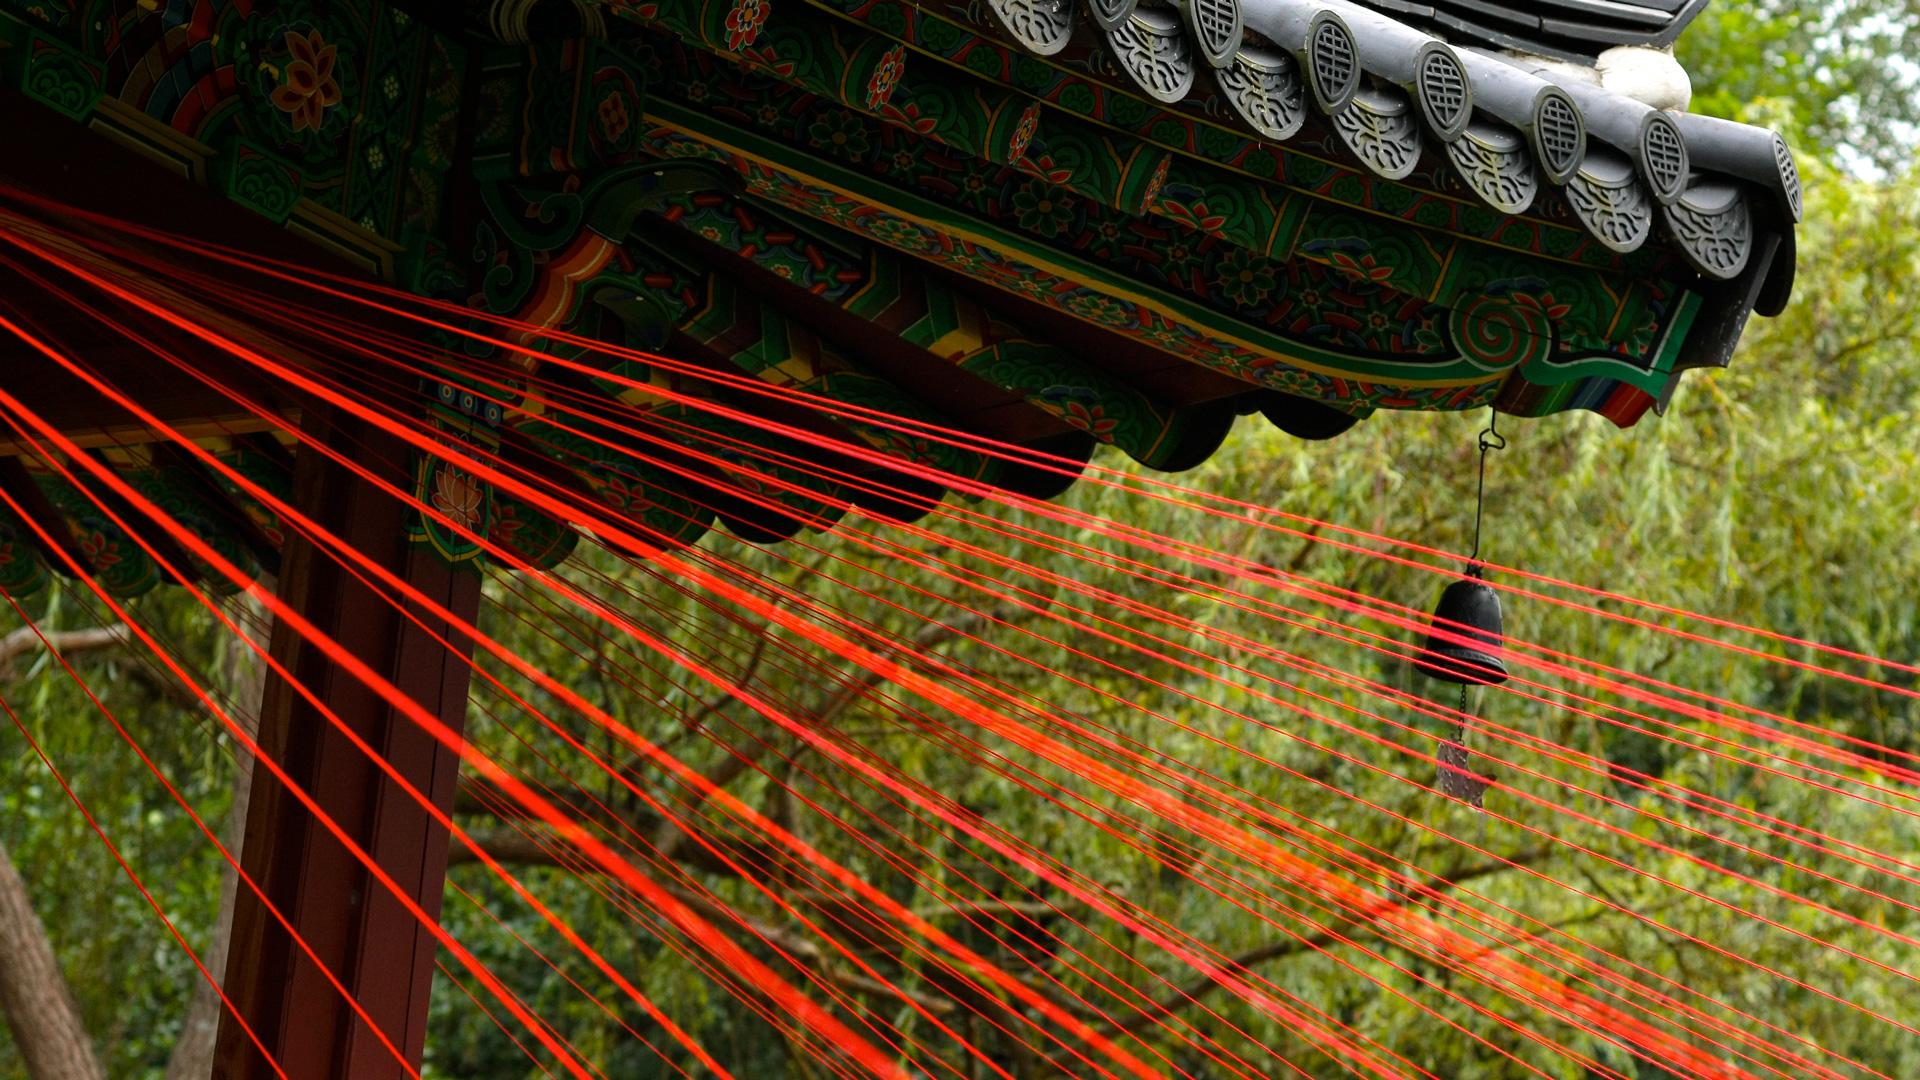 Les Jardins Du Moulin Paysagiste le moulin jaune | le jardin rouge